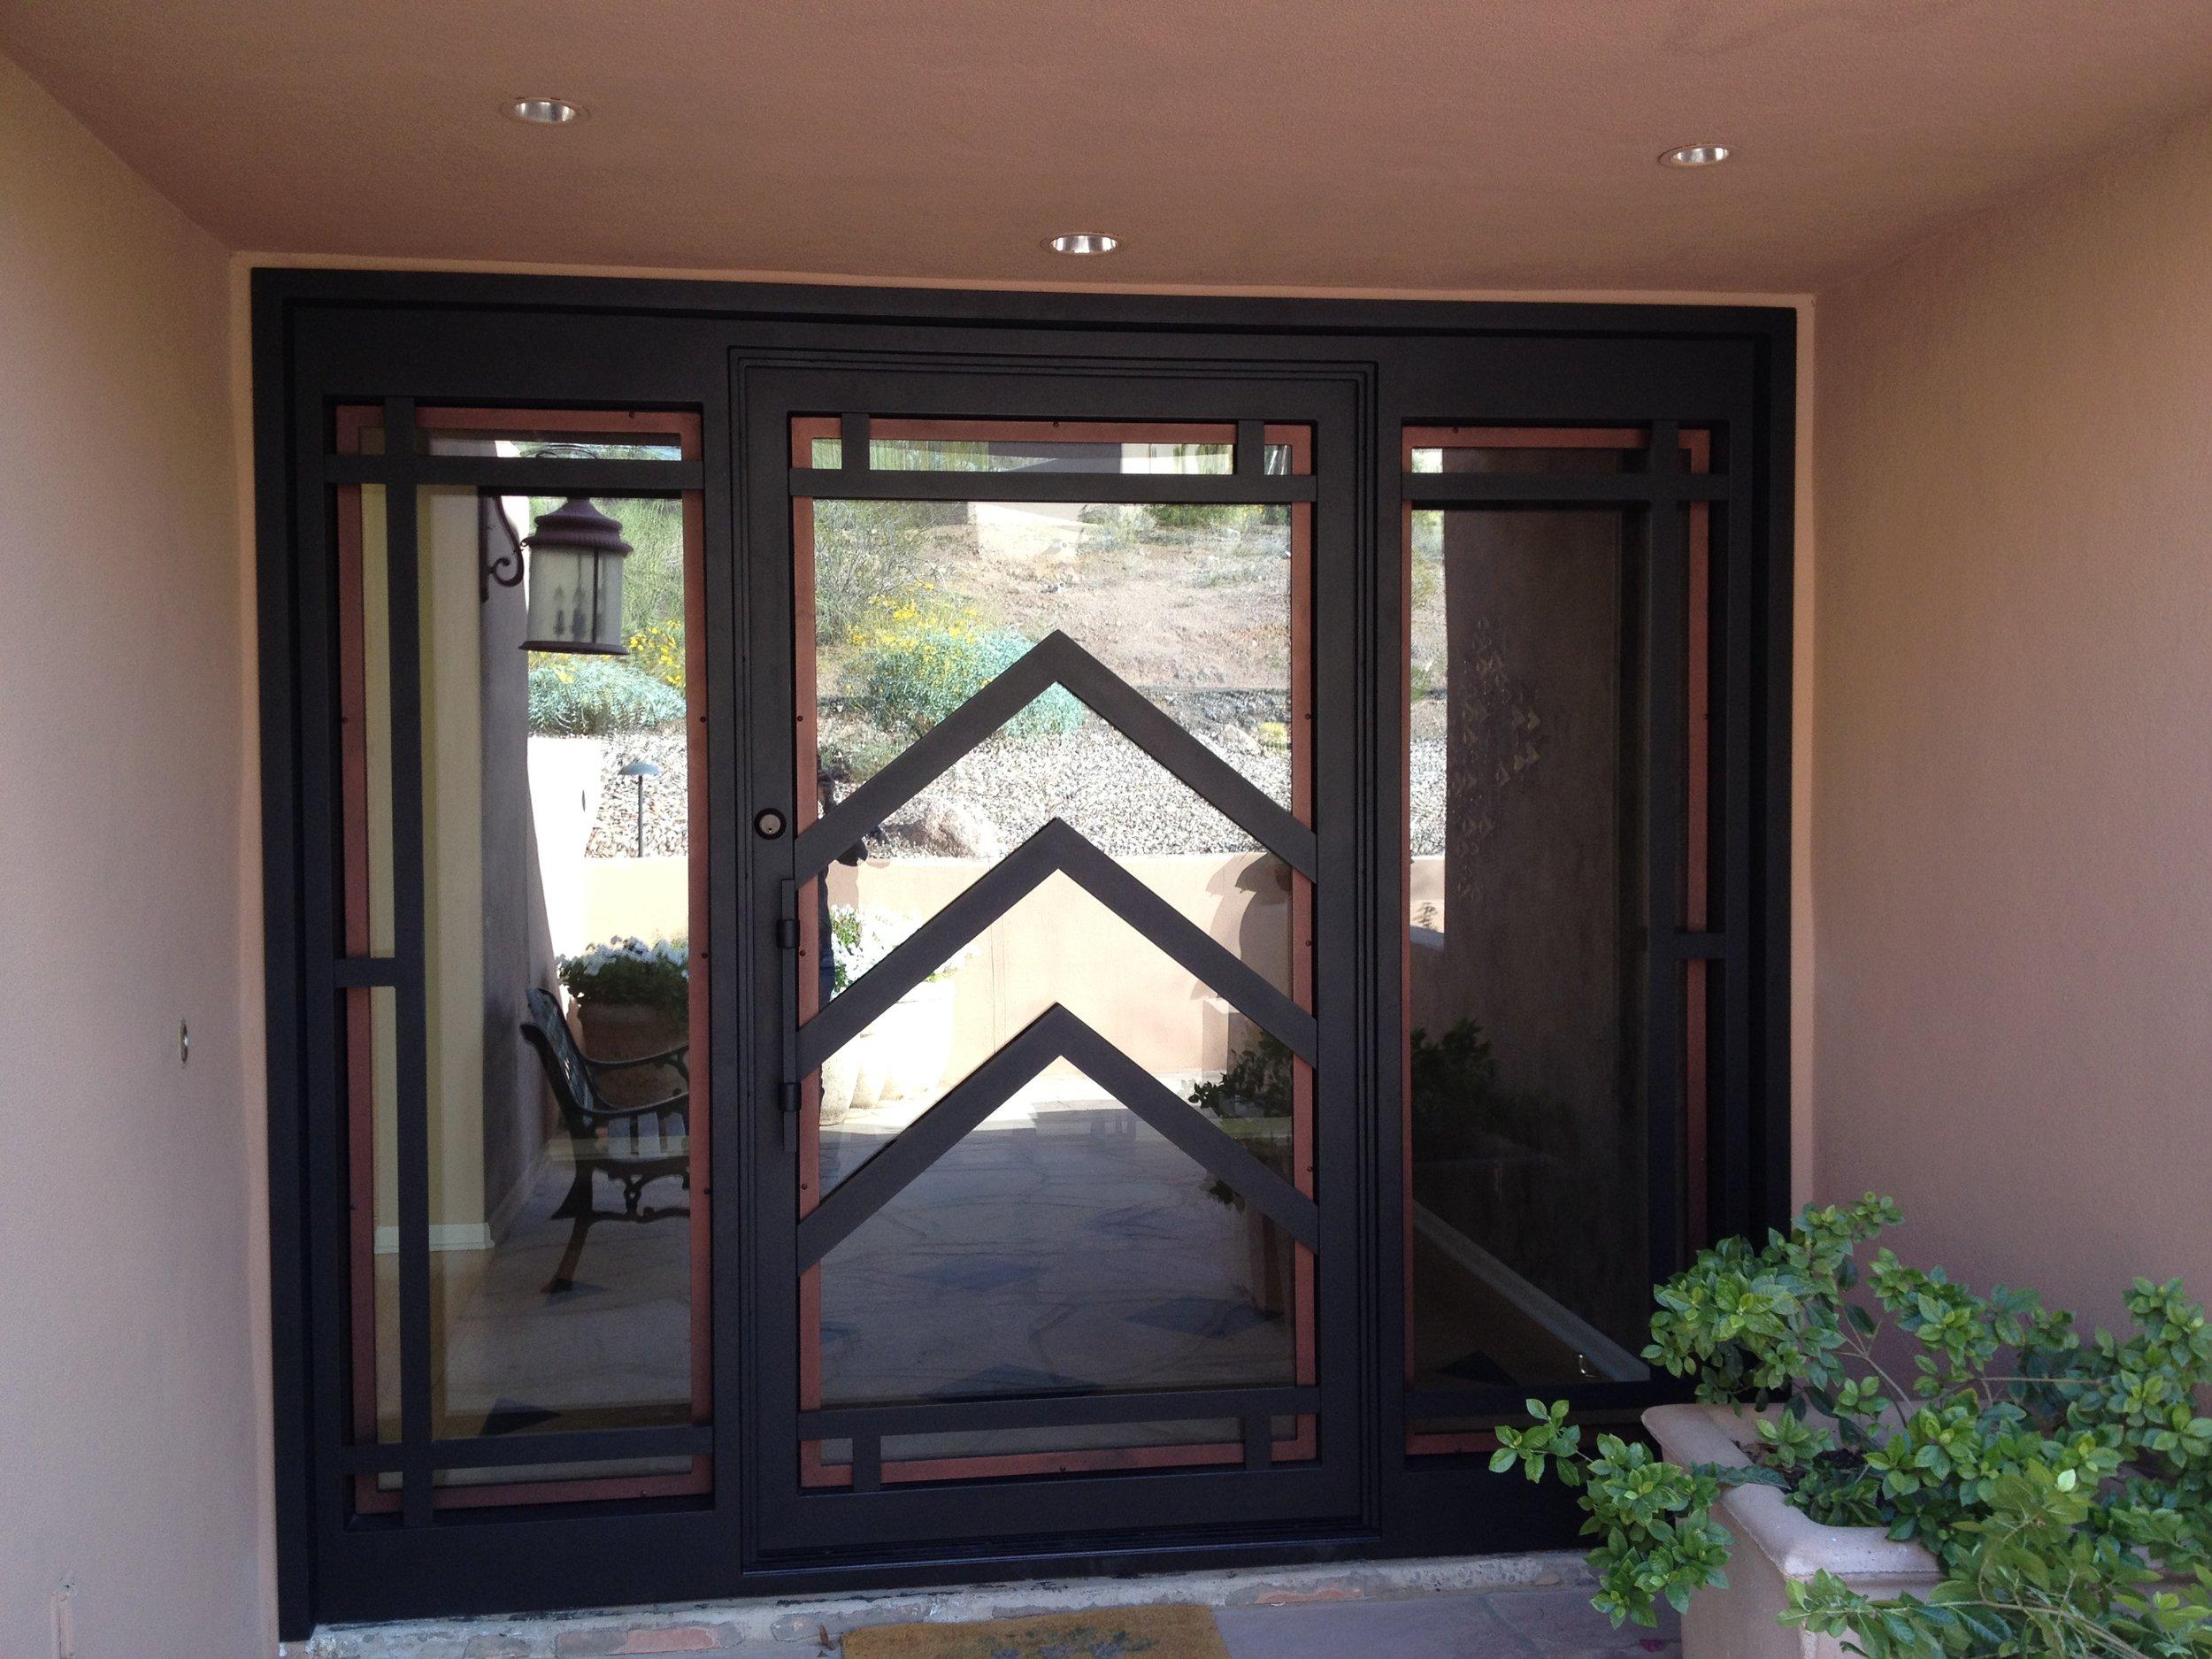 CONTEMPORARY STEEL AND GLASS DOOR 22